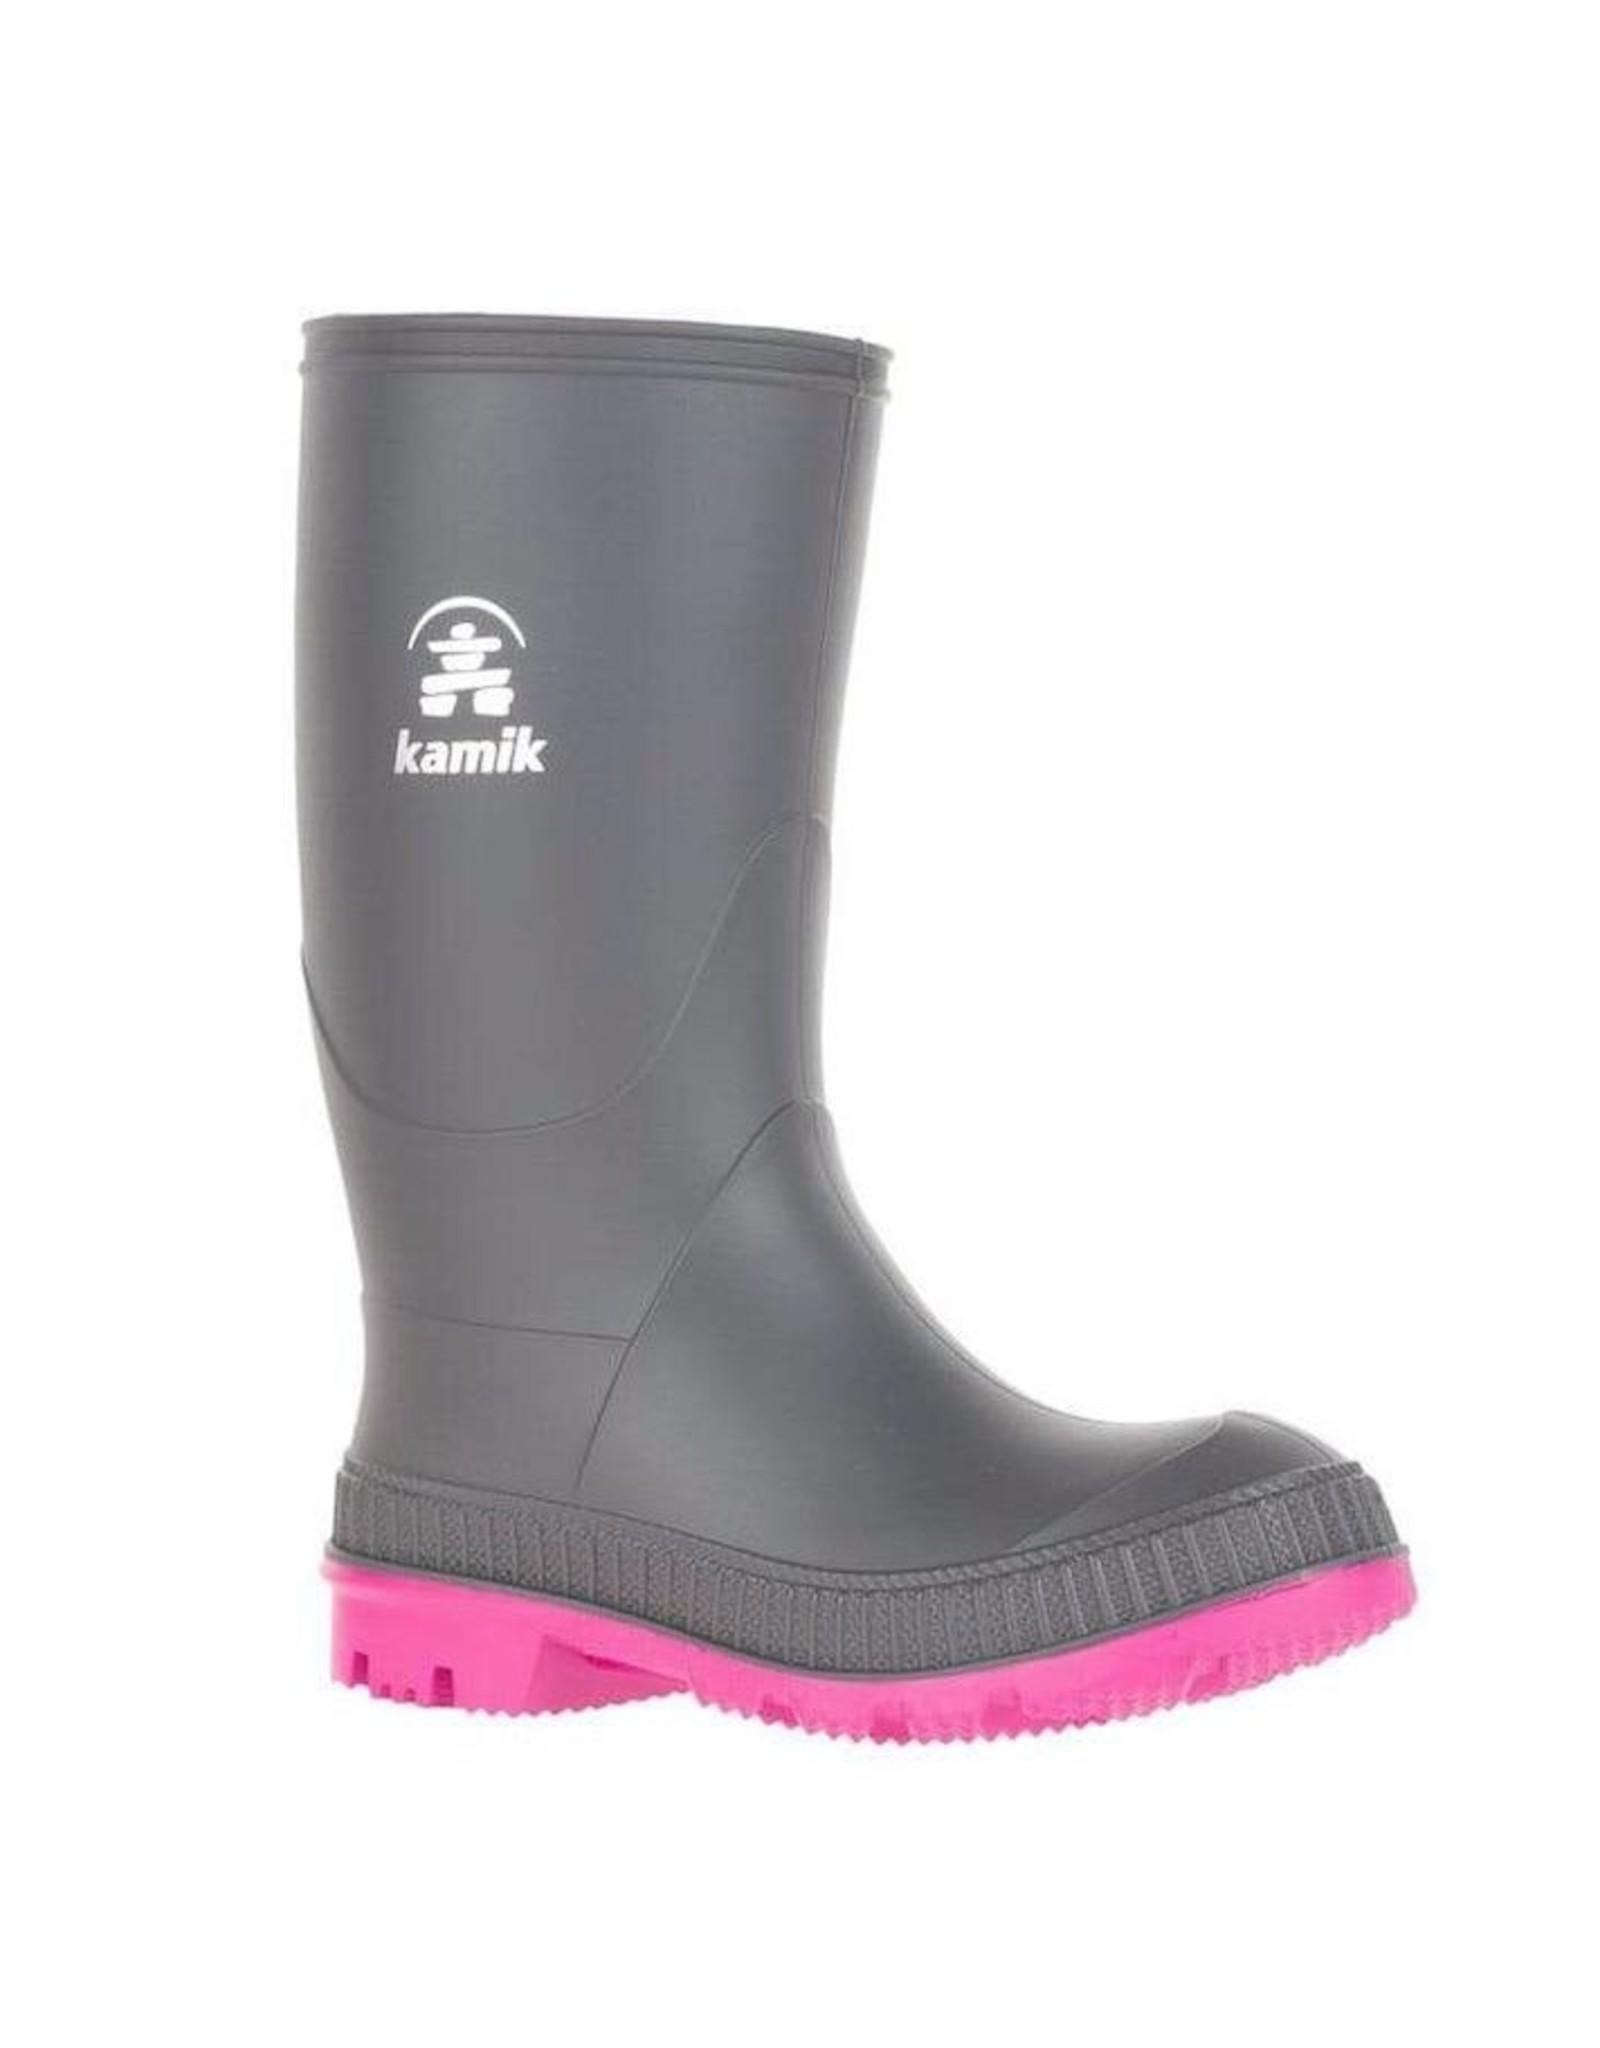 Kamik STOMP Junior Rain Boot, Charcoal/Magenta